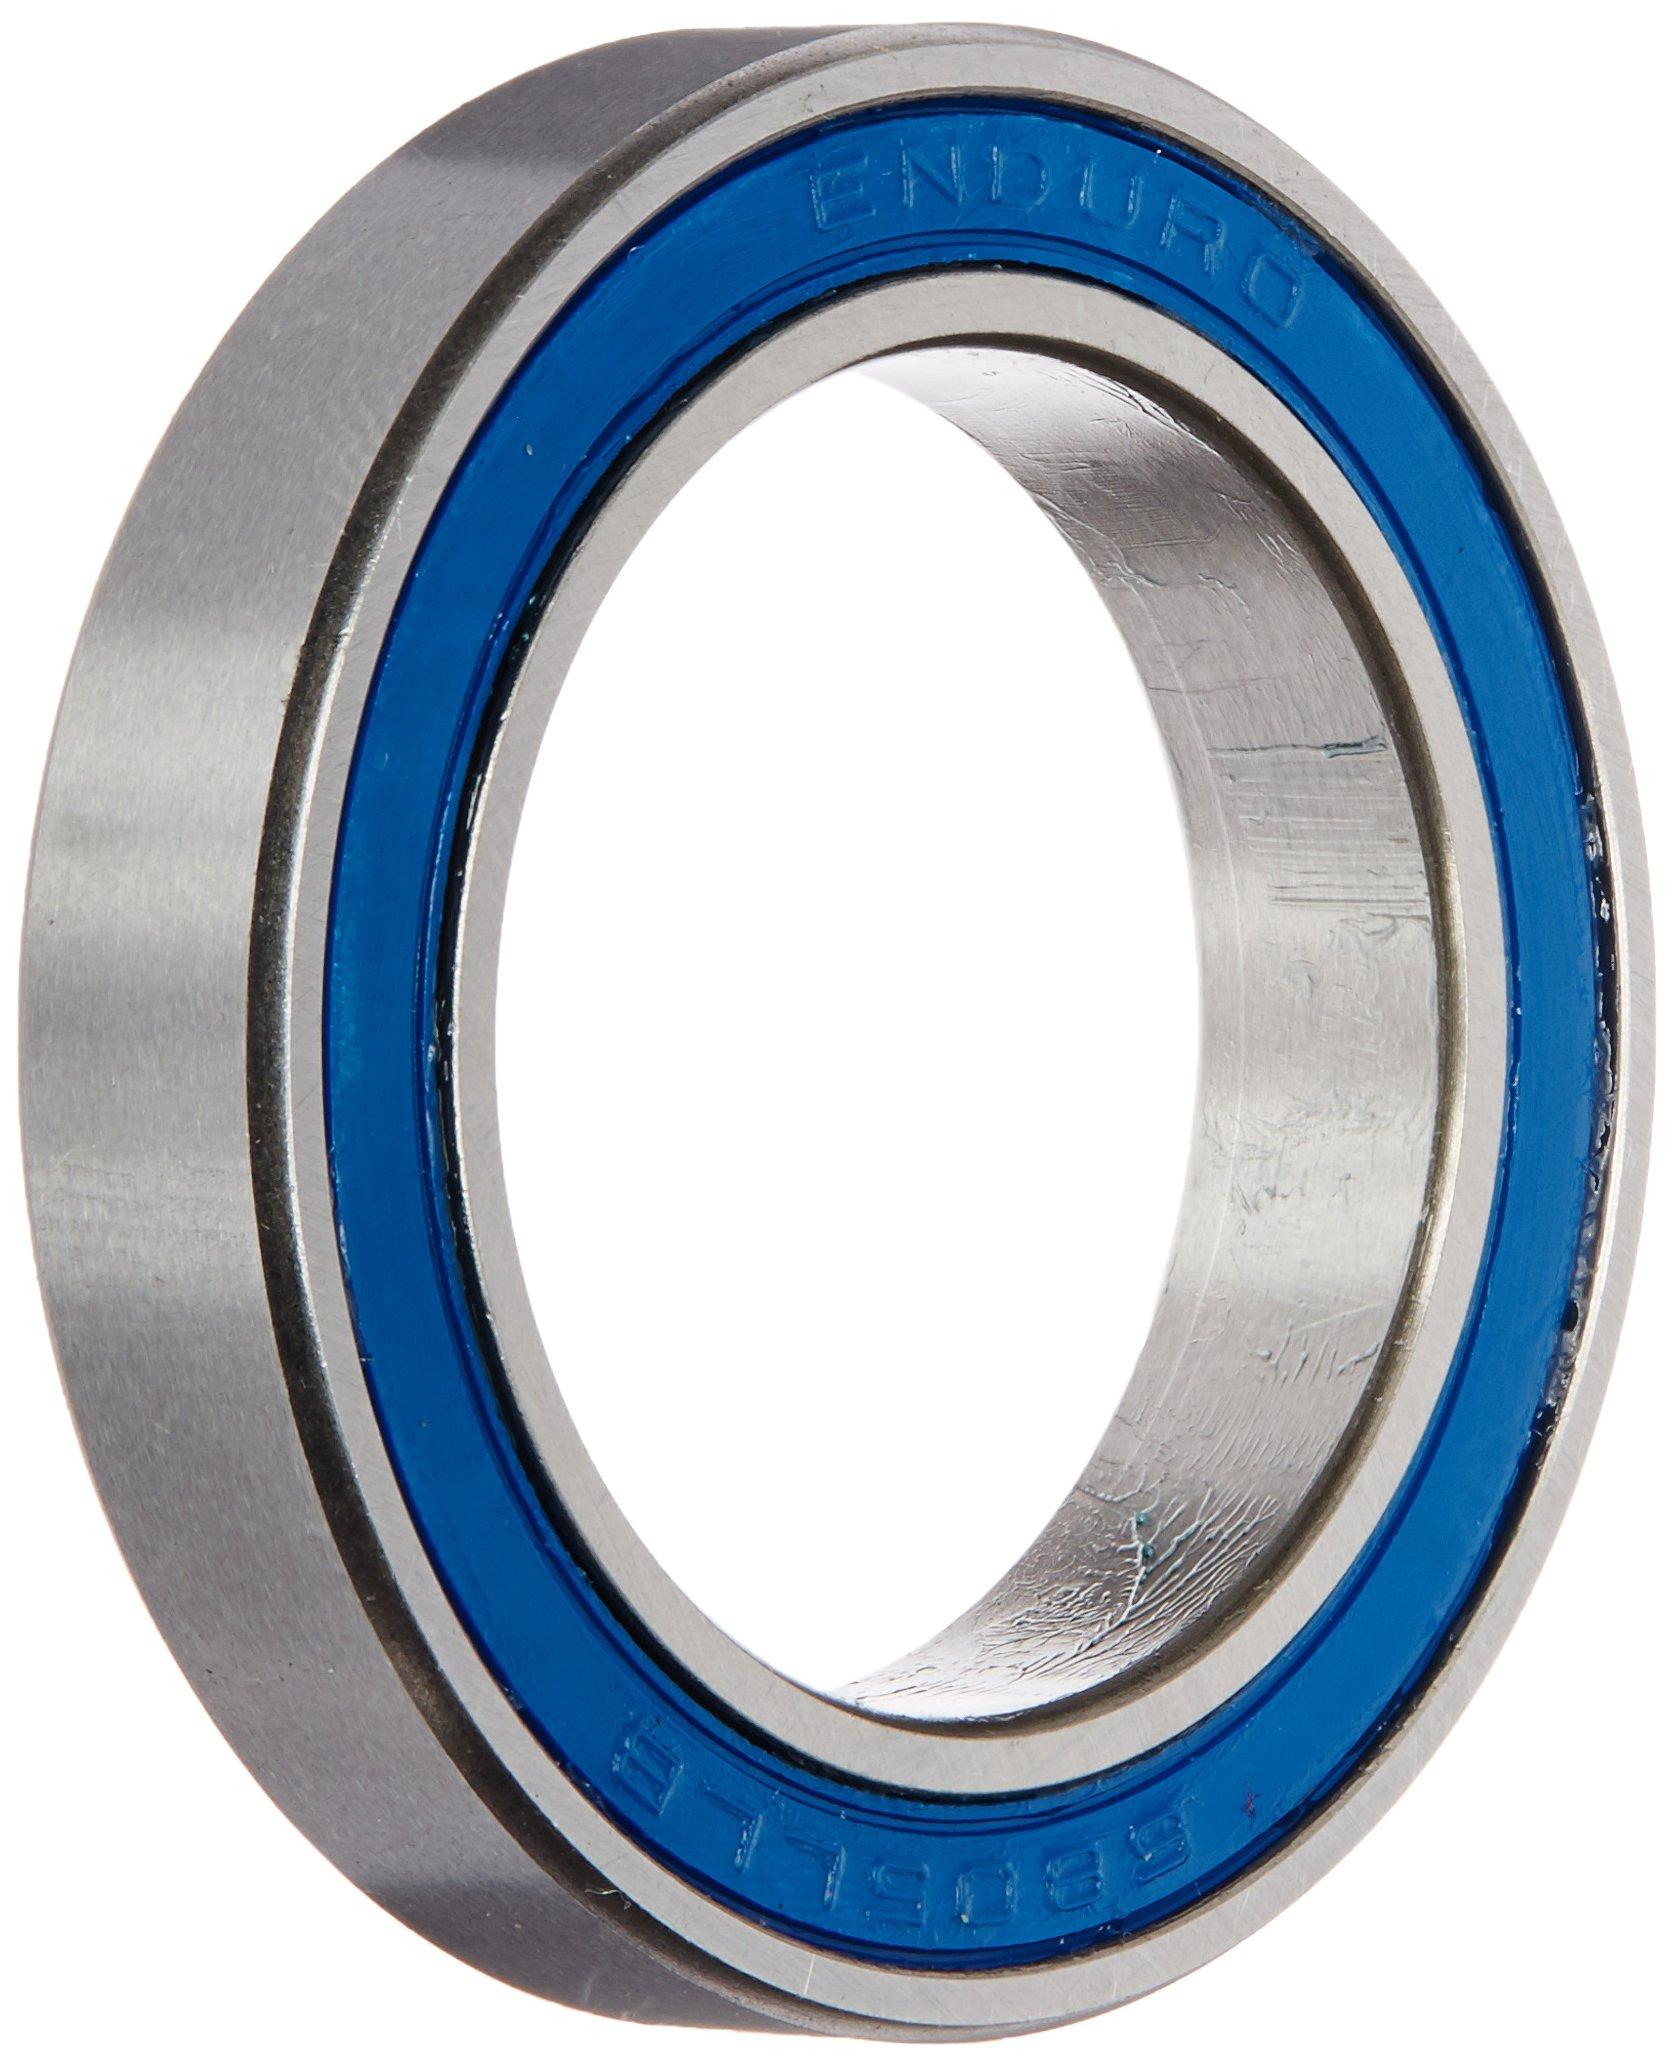 Wheels Manufacturing Sealed SB-6805 Sealed Bearing - Trek Liquid Rear Pivot (Bag of 2)